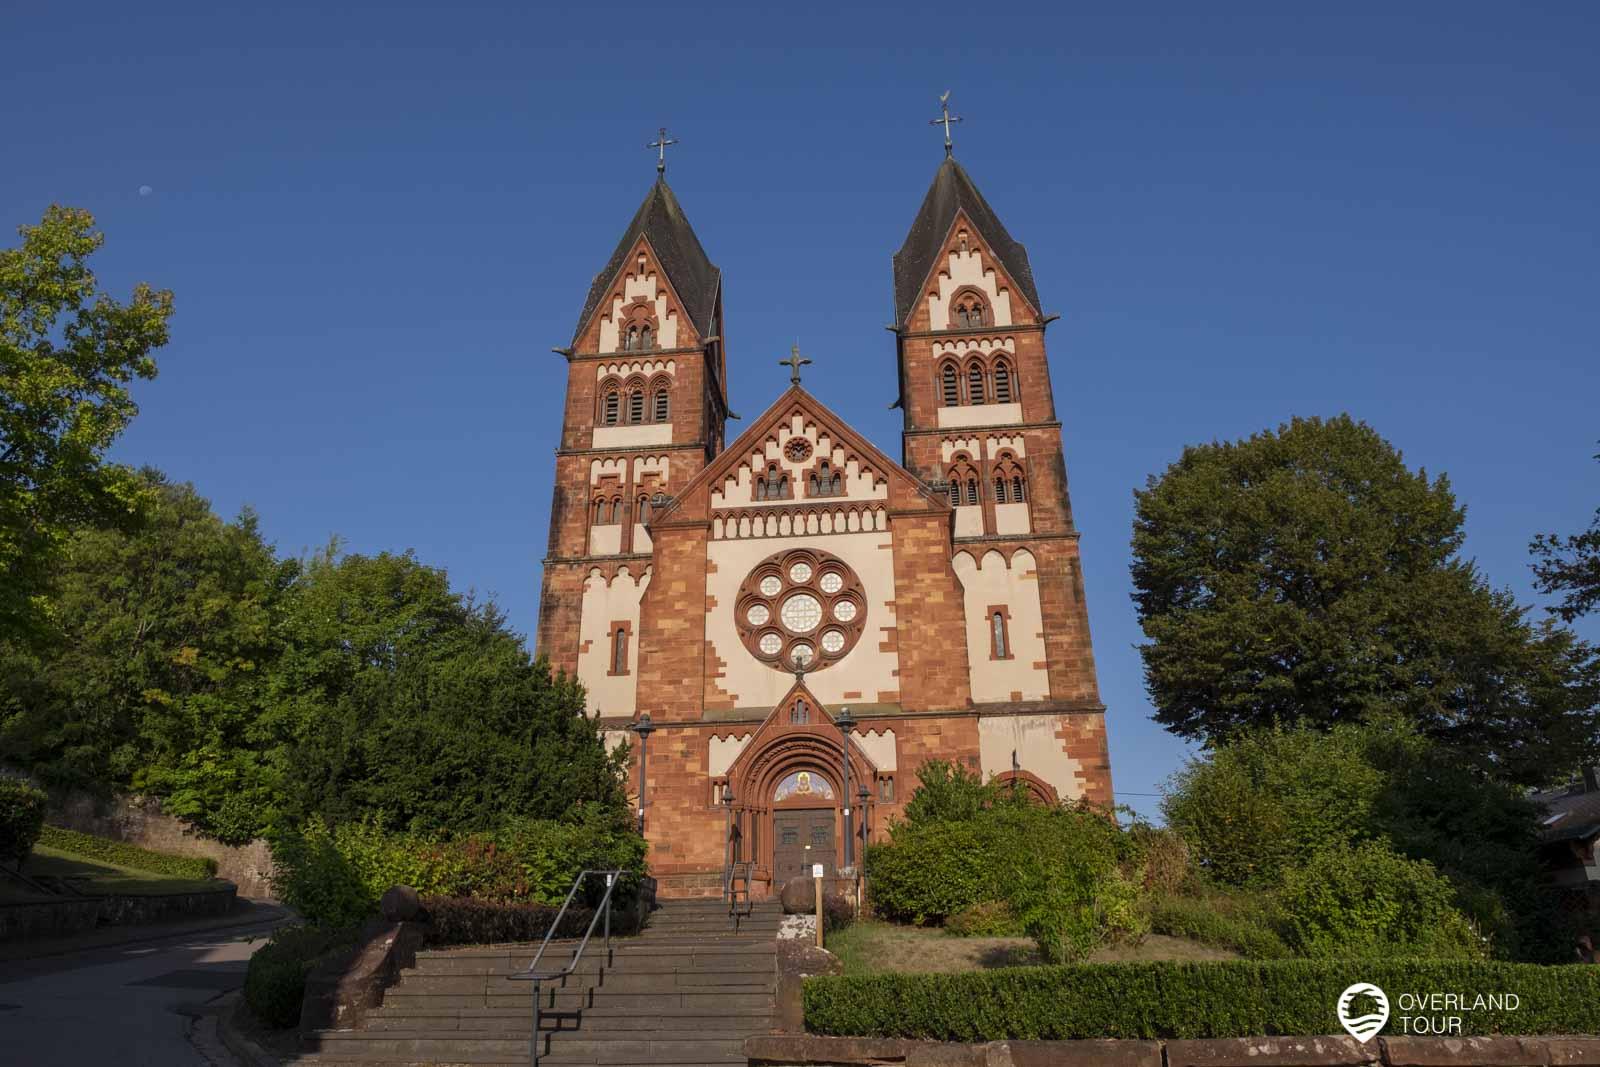 Startpunkt der Tafeltour in Mettlach an der Pfarrkirche St. Lutwinus in Mettlach